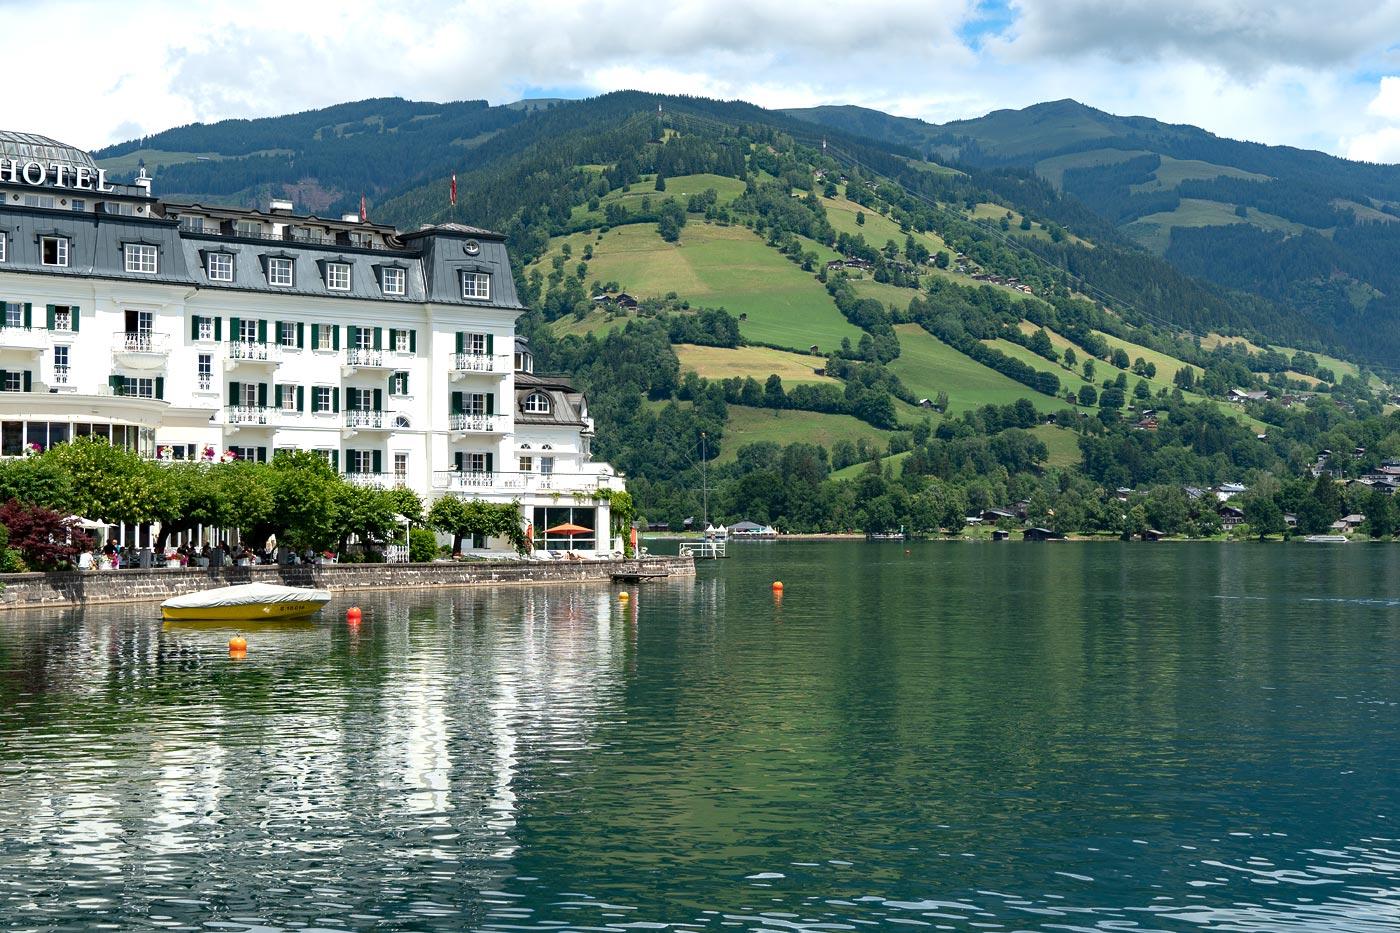 Курорт Целль-ам-Зе (Zell am See), Австрия